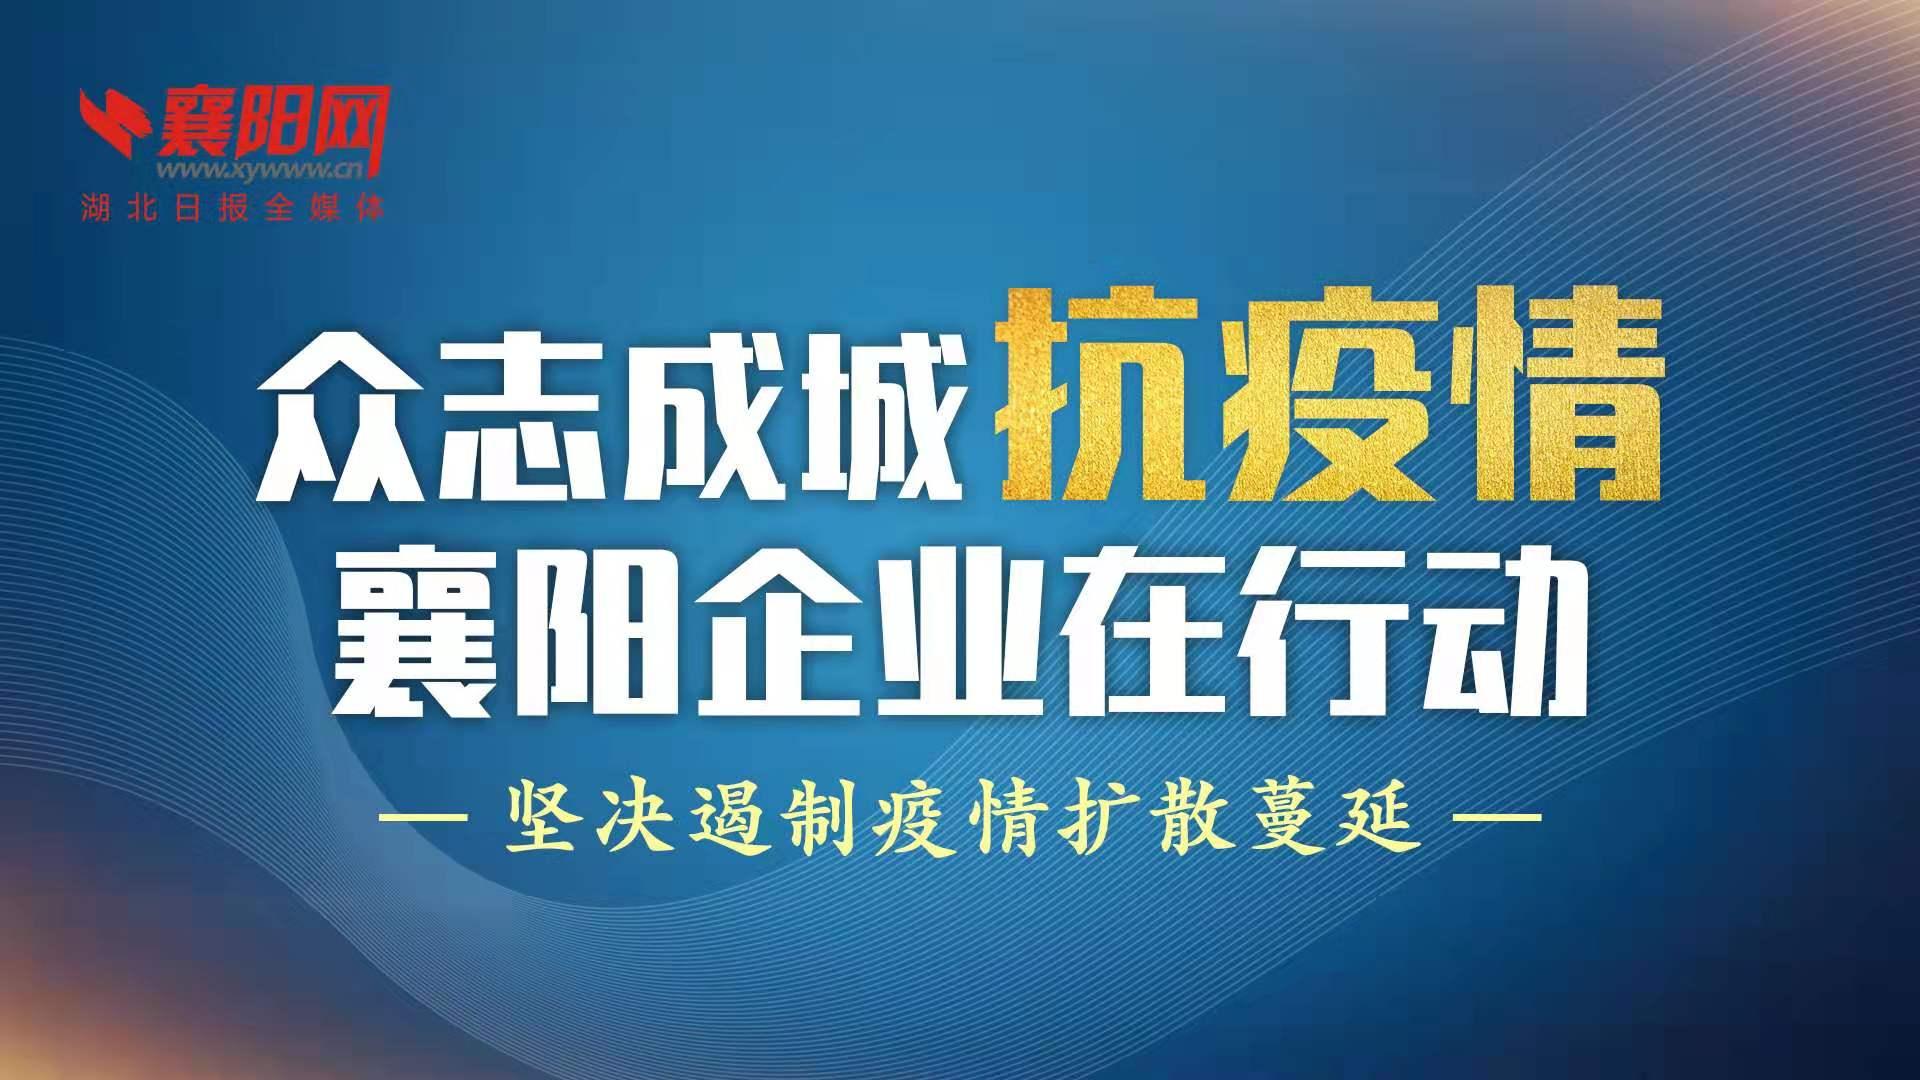 抗击疫情!襄阳民营企业、商会捐款捐物超2000万元